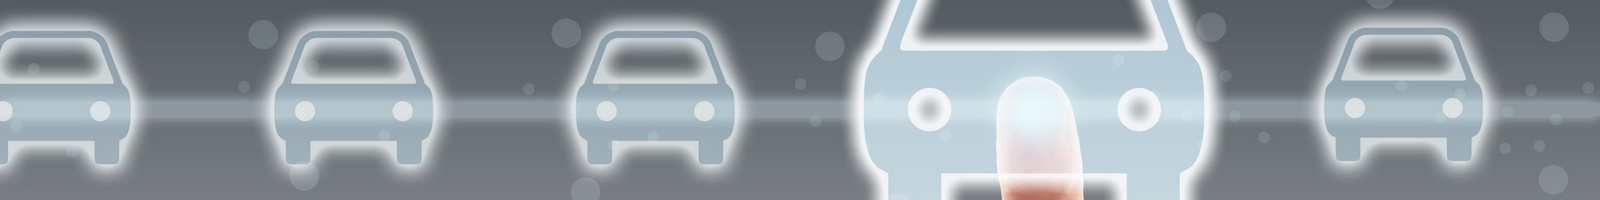 Les assureurs automobiles misent désormais sur l'innovation dans le secteur